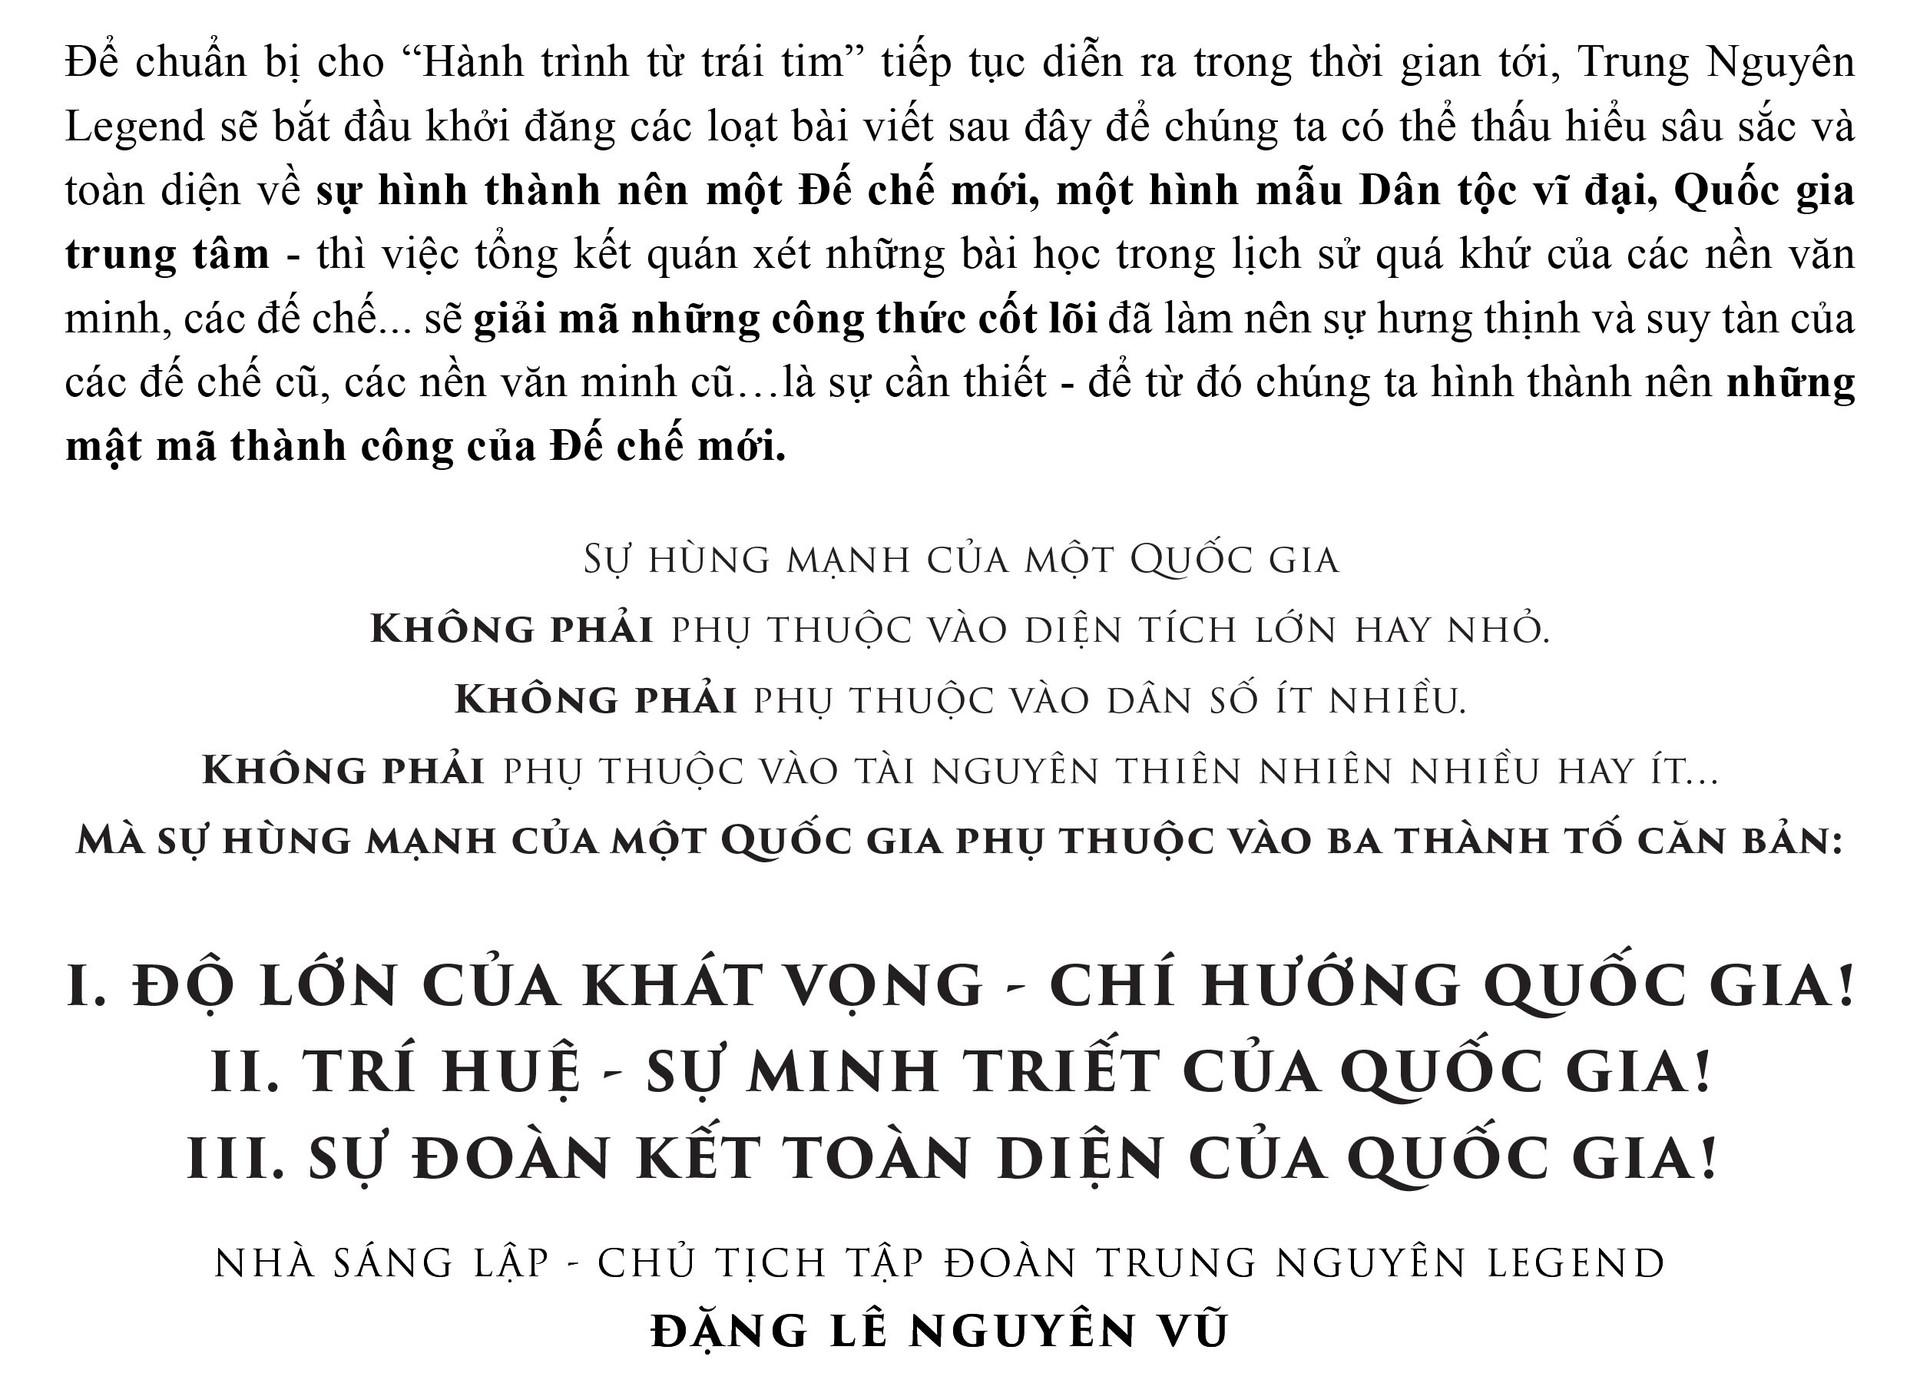 box-thong-diep-dau-31.8-ok-01.jpg